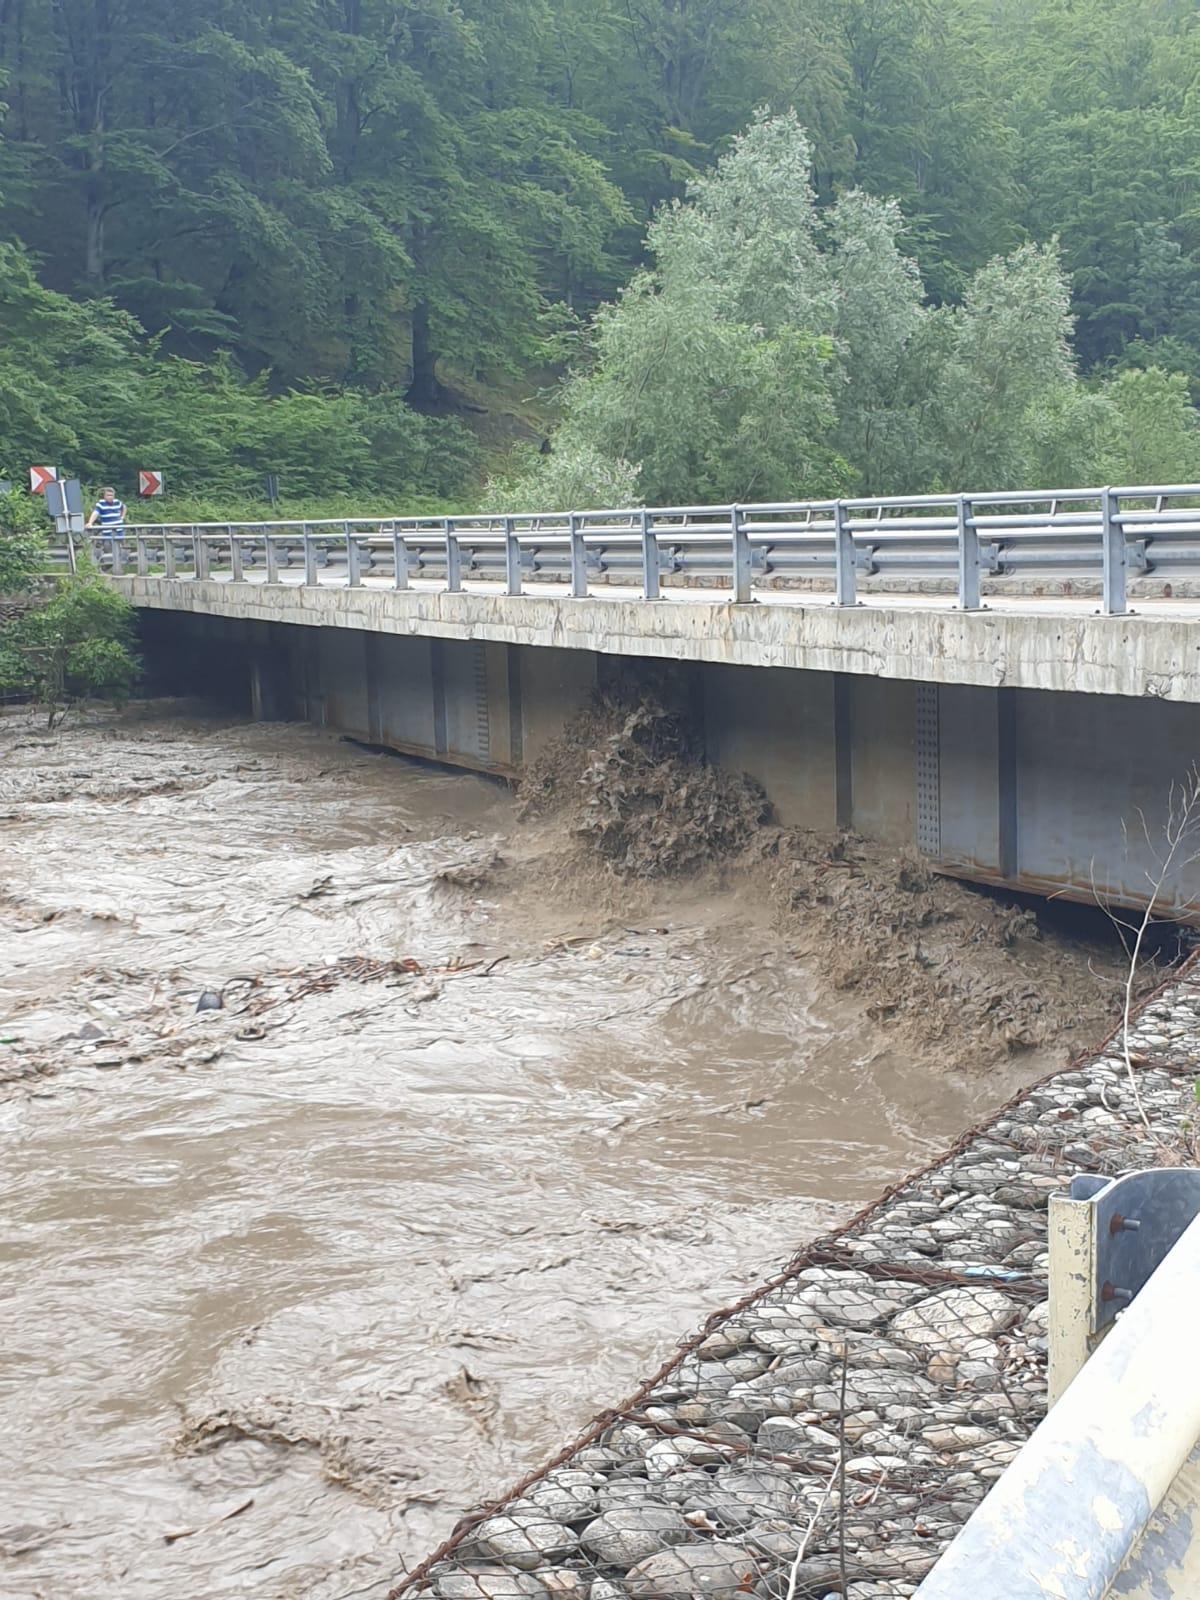 BREAKING NEWS: Circulația rutieră, blocată pe DN 66 între Bumbești Jiu și Petroșani, din cauza inundațiilor